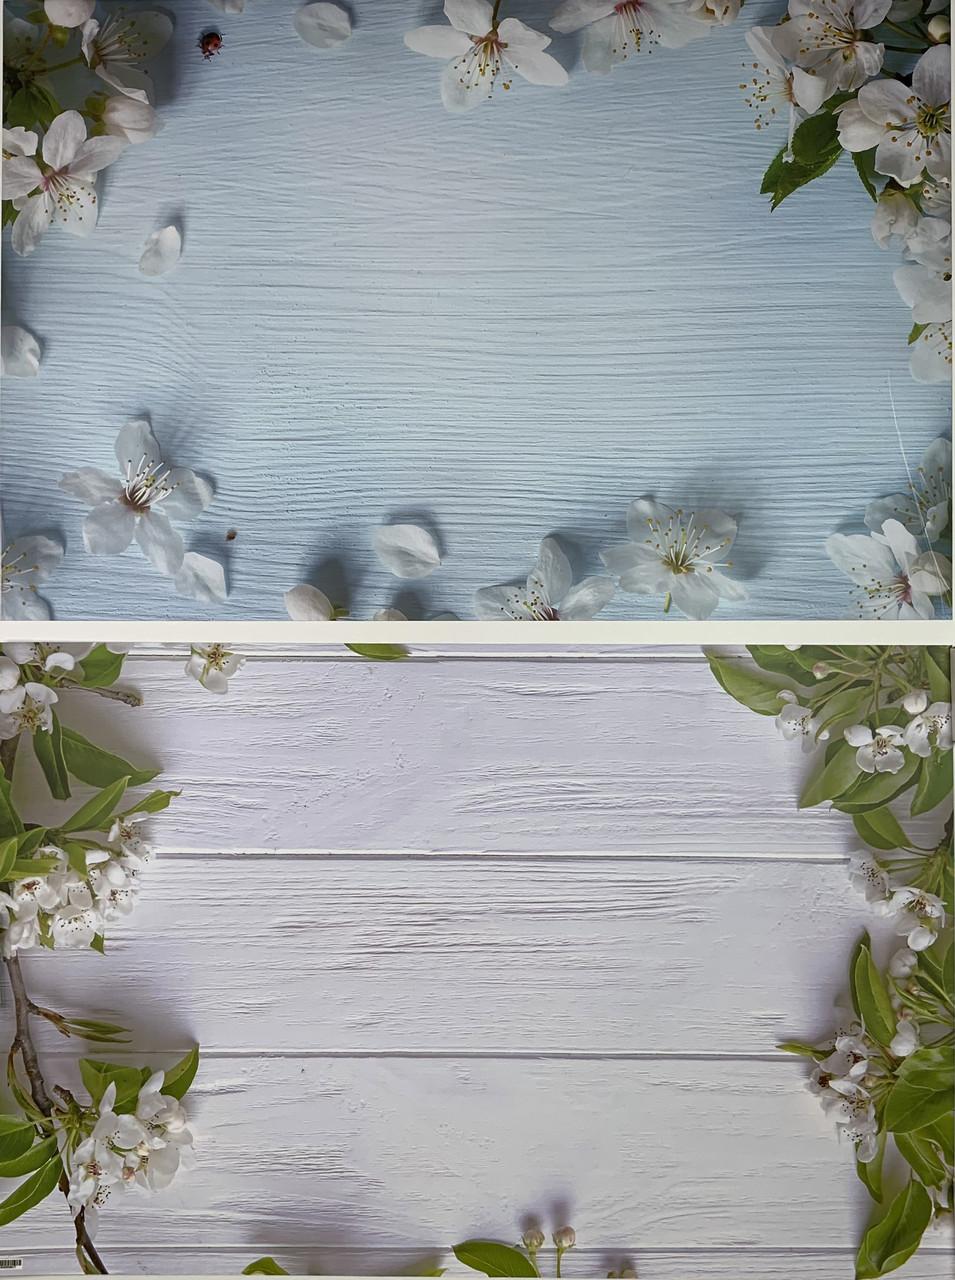 Двухсторонний 3D виниловый фон для фото. Влагостойкие анти-блик 57х87 см Студия фотофоны для предметной съемки